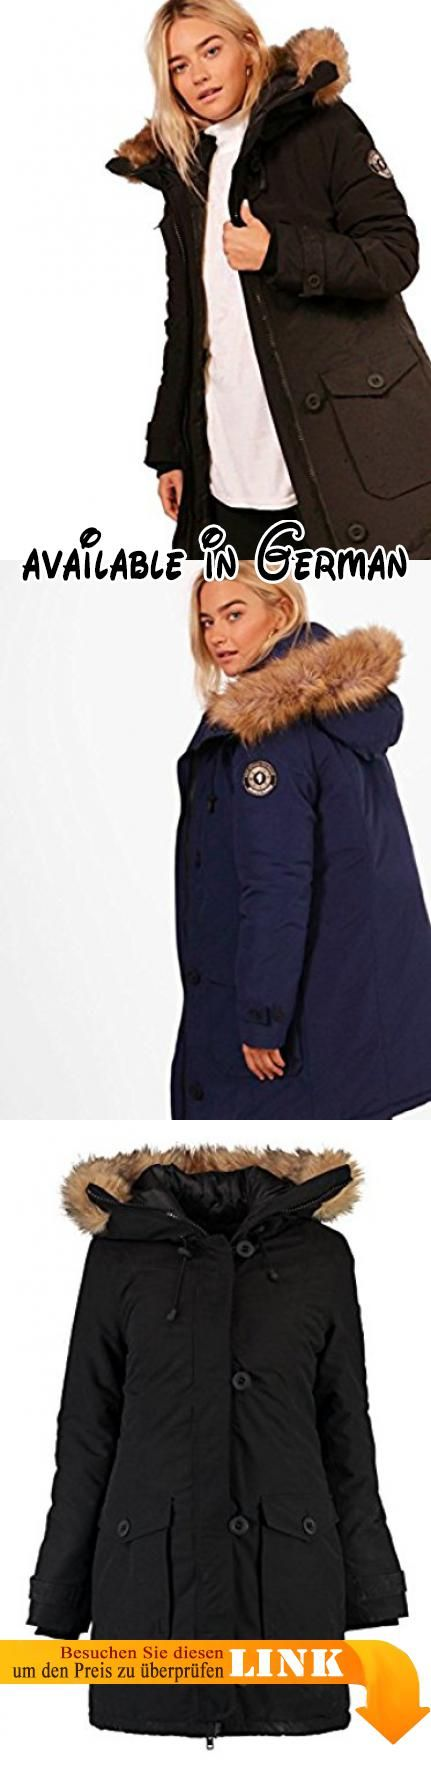 B076DM25FJ : Schwarz Damen Leah Dick Gefütterte Jacke - 10. Raus mit dir - in den angesagtesten Mänteln und Jacken der SaisonBring Leben in dein Outfit für die kälteren Tage mit den neuesten Mänteln und Jacken von. Pufferjacken liegen groß im Rennnen sportliche Bomberjacken sorgen für Style und Plastikregenmäntel halten dich bei Wind und Wetter trocken. Die luxuriösere Variante: Kunstpelzmäntel in Pastellfarben und lang geschnittene Duster-Coats für einen androgynen